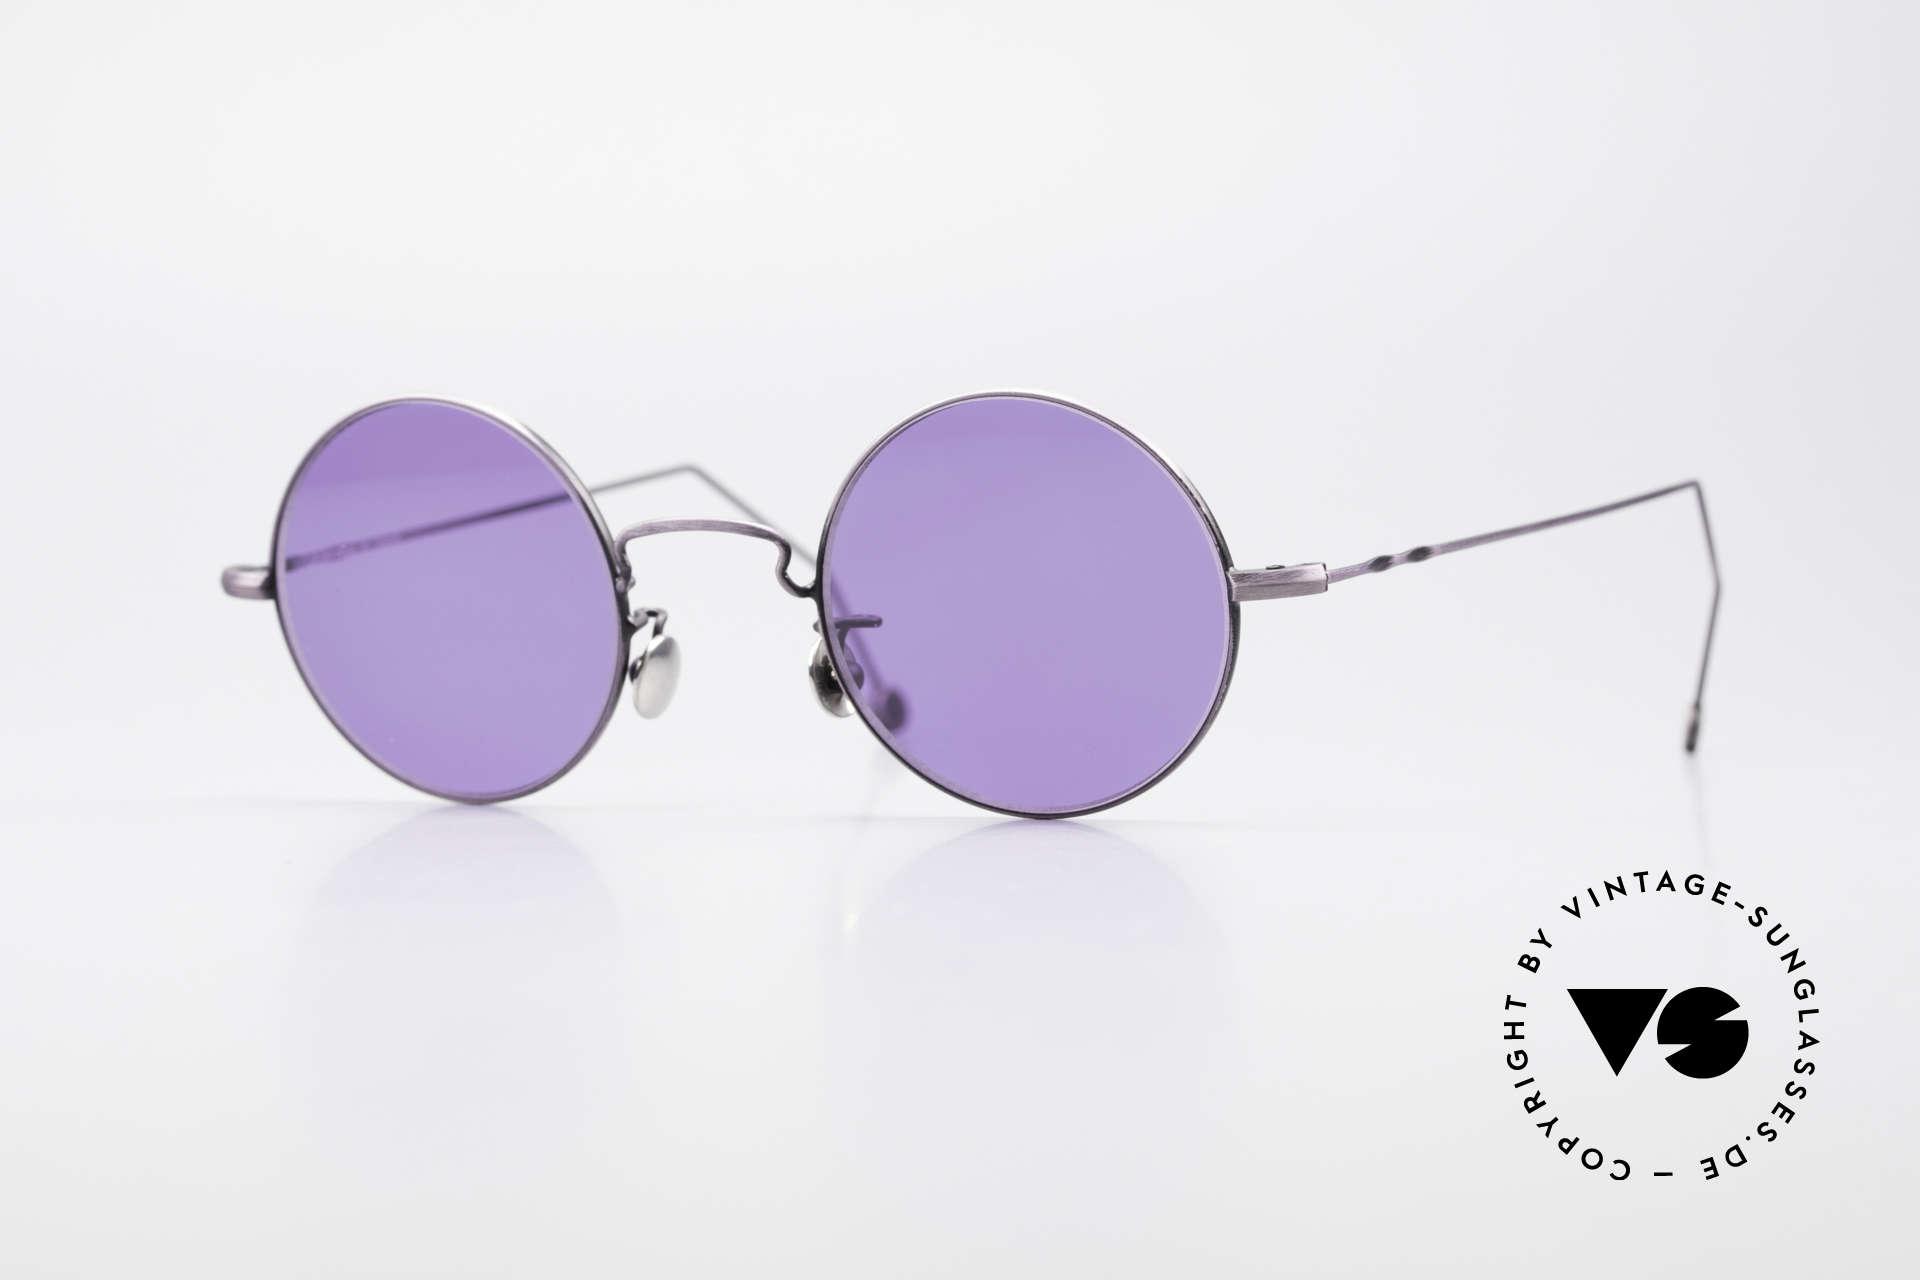 Cutler And Gross 0408 Runde Designer Vintage Brille, Cutler & Gross London Designerbrille der späten 90er, Passend für Herren und Damen